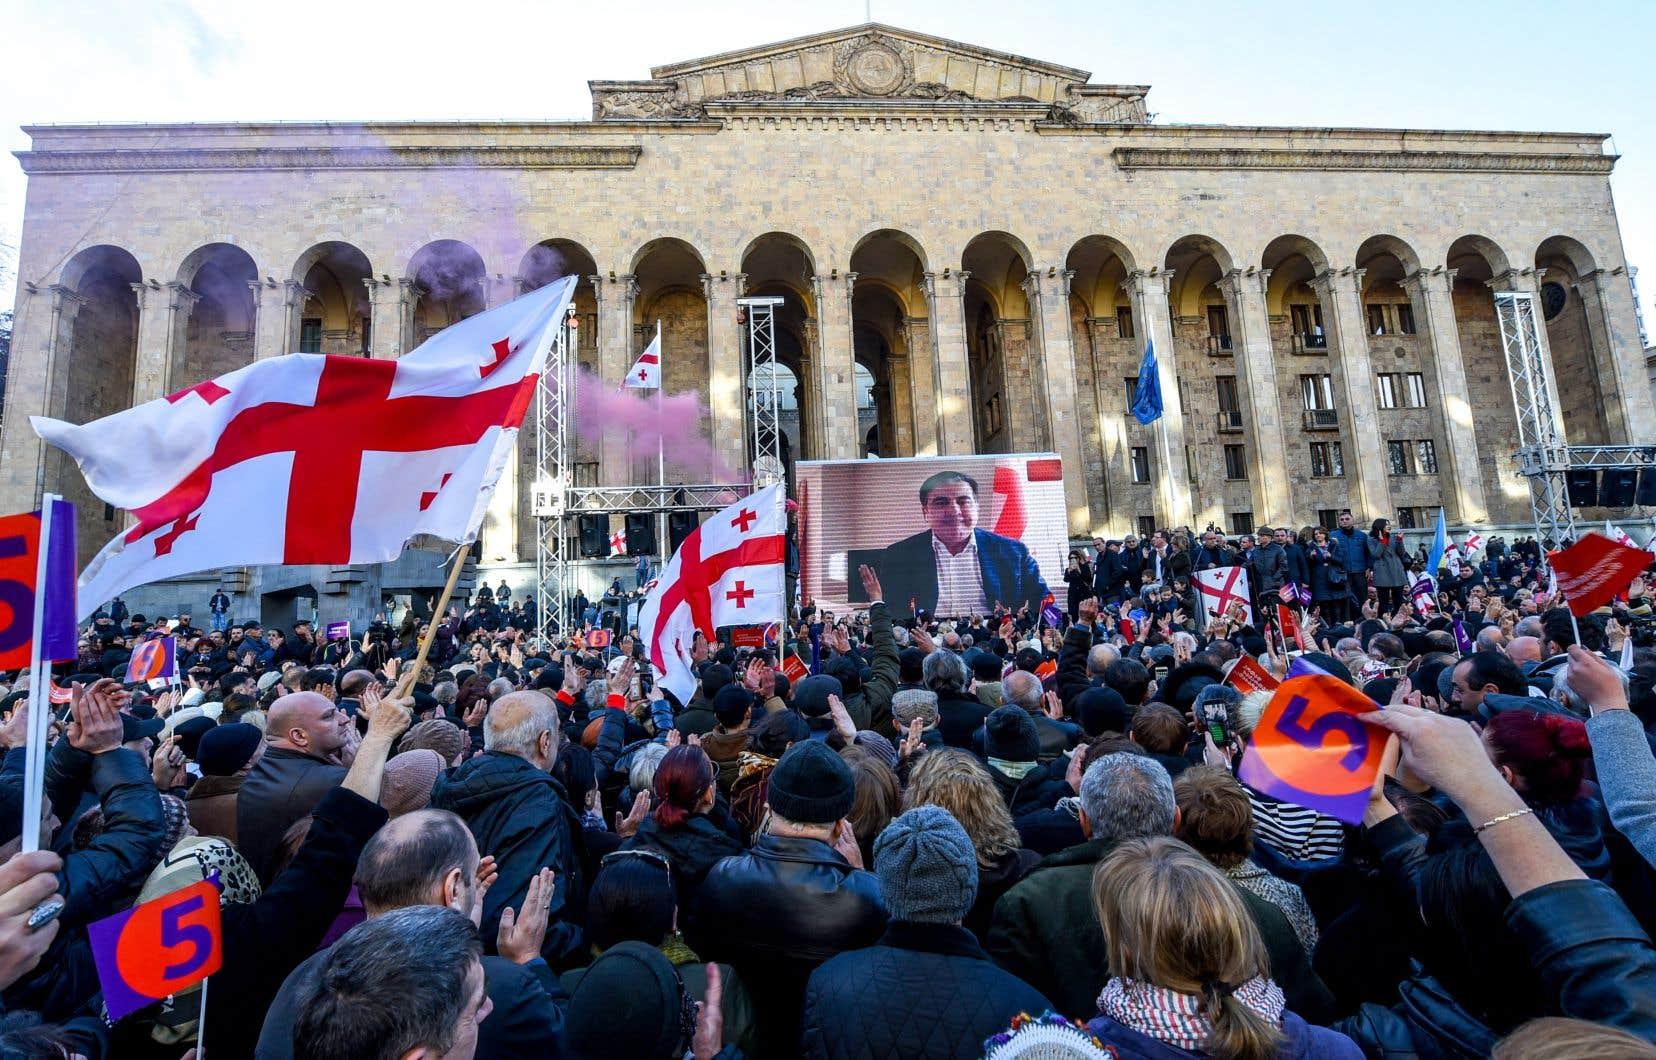 Des dizaines de milliers de Géorgiens se sont réunis dimanche dans les rues de Tbilissi pour protester contre l'élection présidentielle.